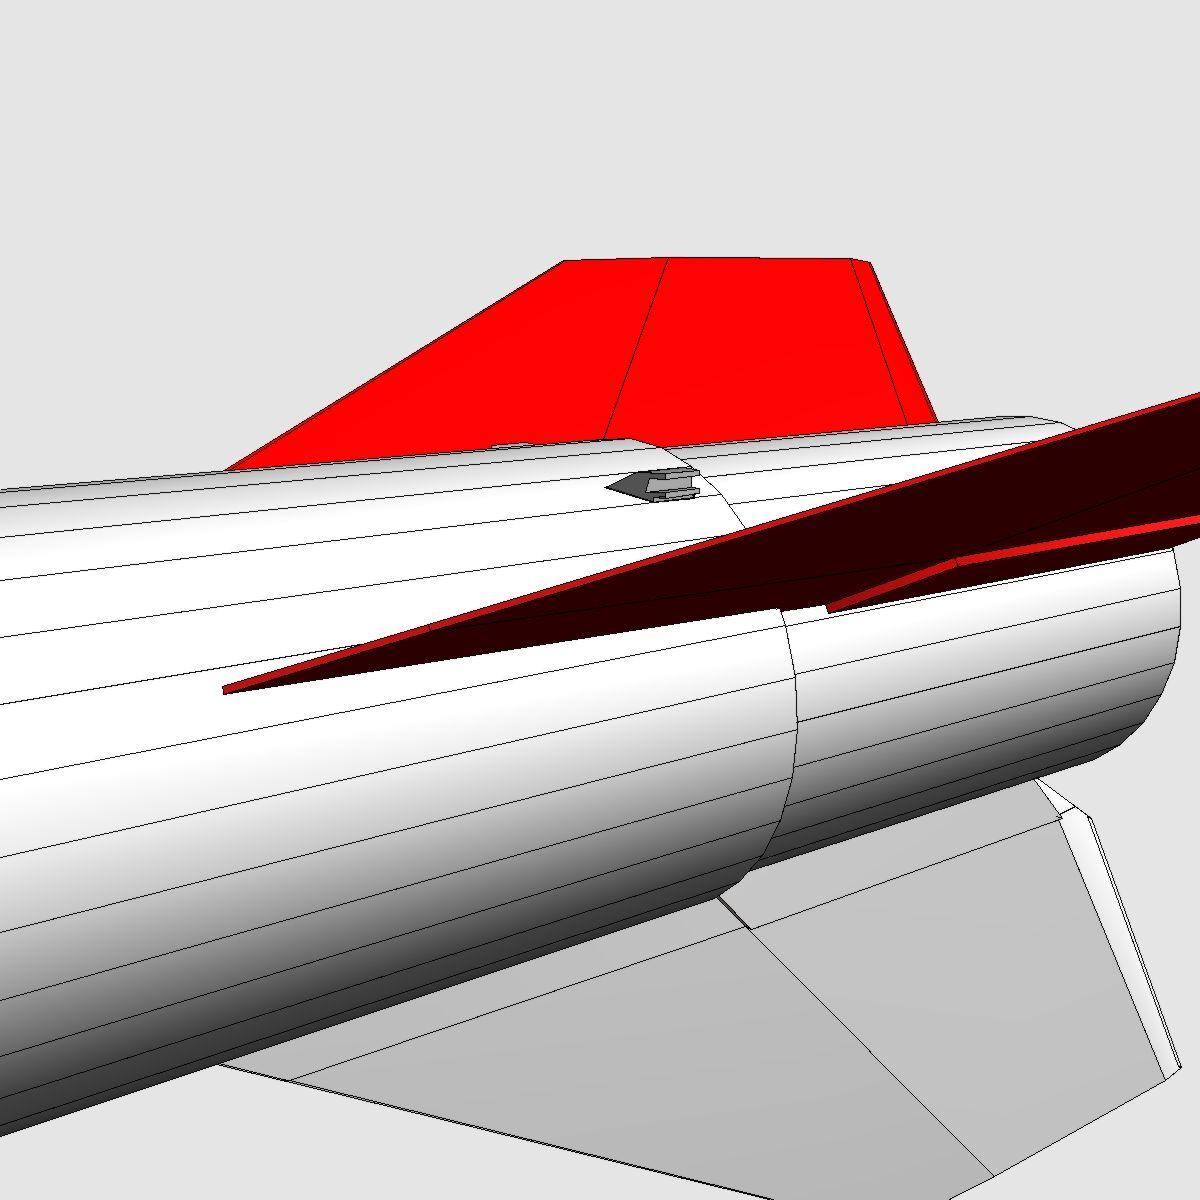 qara brant vb raketin səsləndirilməsi 3d model 3ds dxf cob x obj 150878